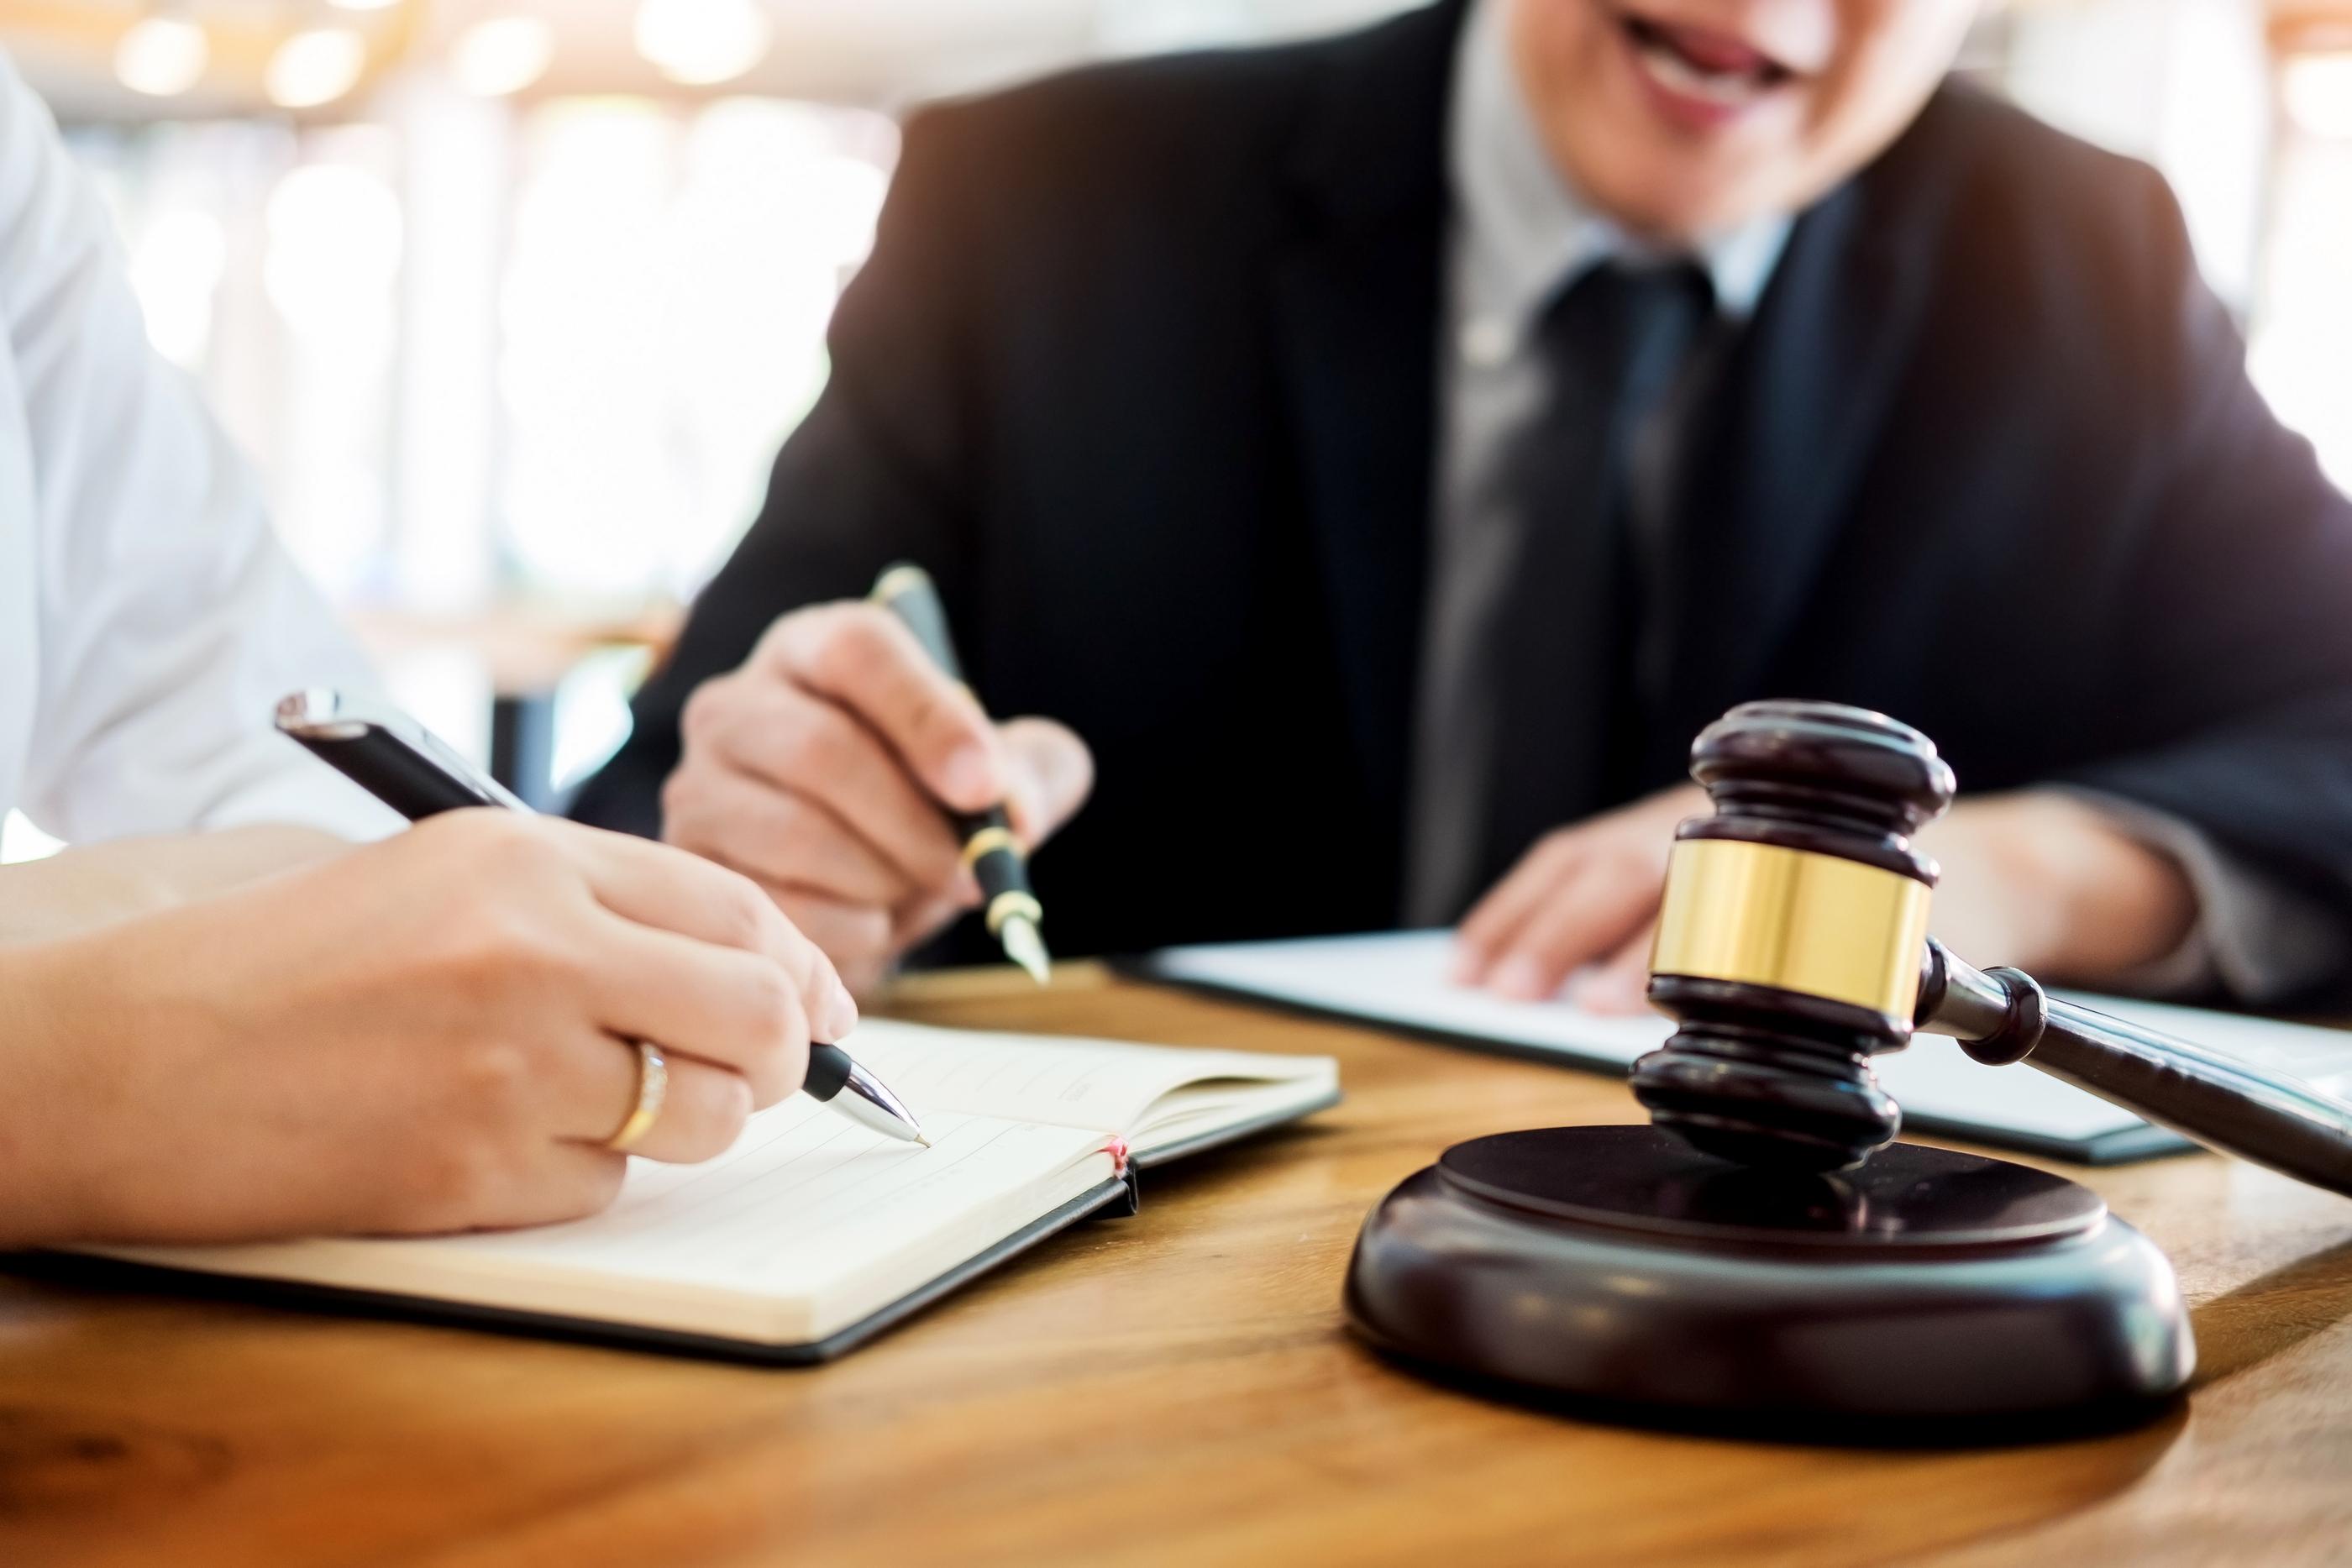 Xử phạt hành chính: Lưu ý các lỗi sai để tránh mất tiền oan